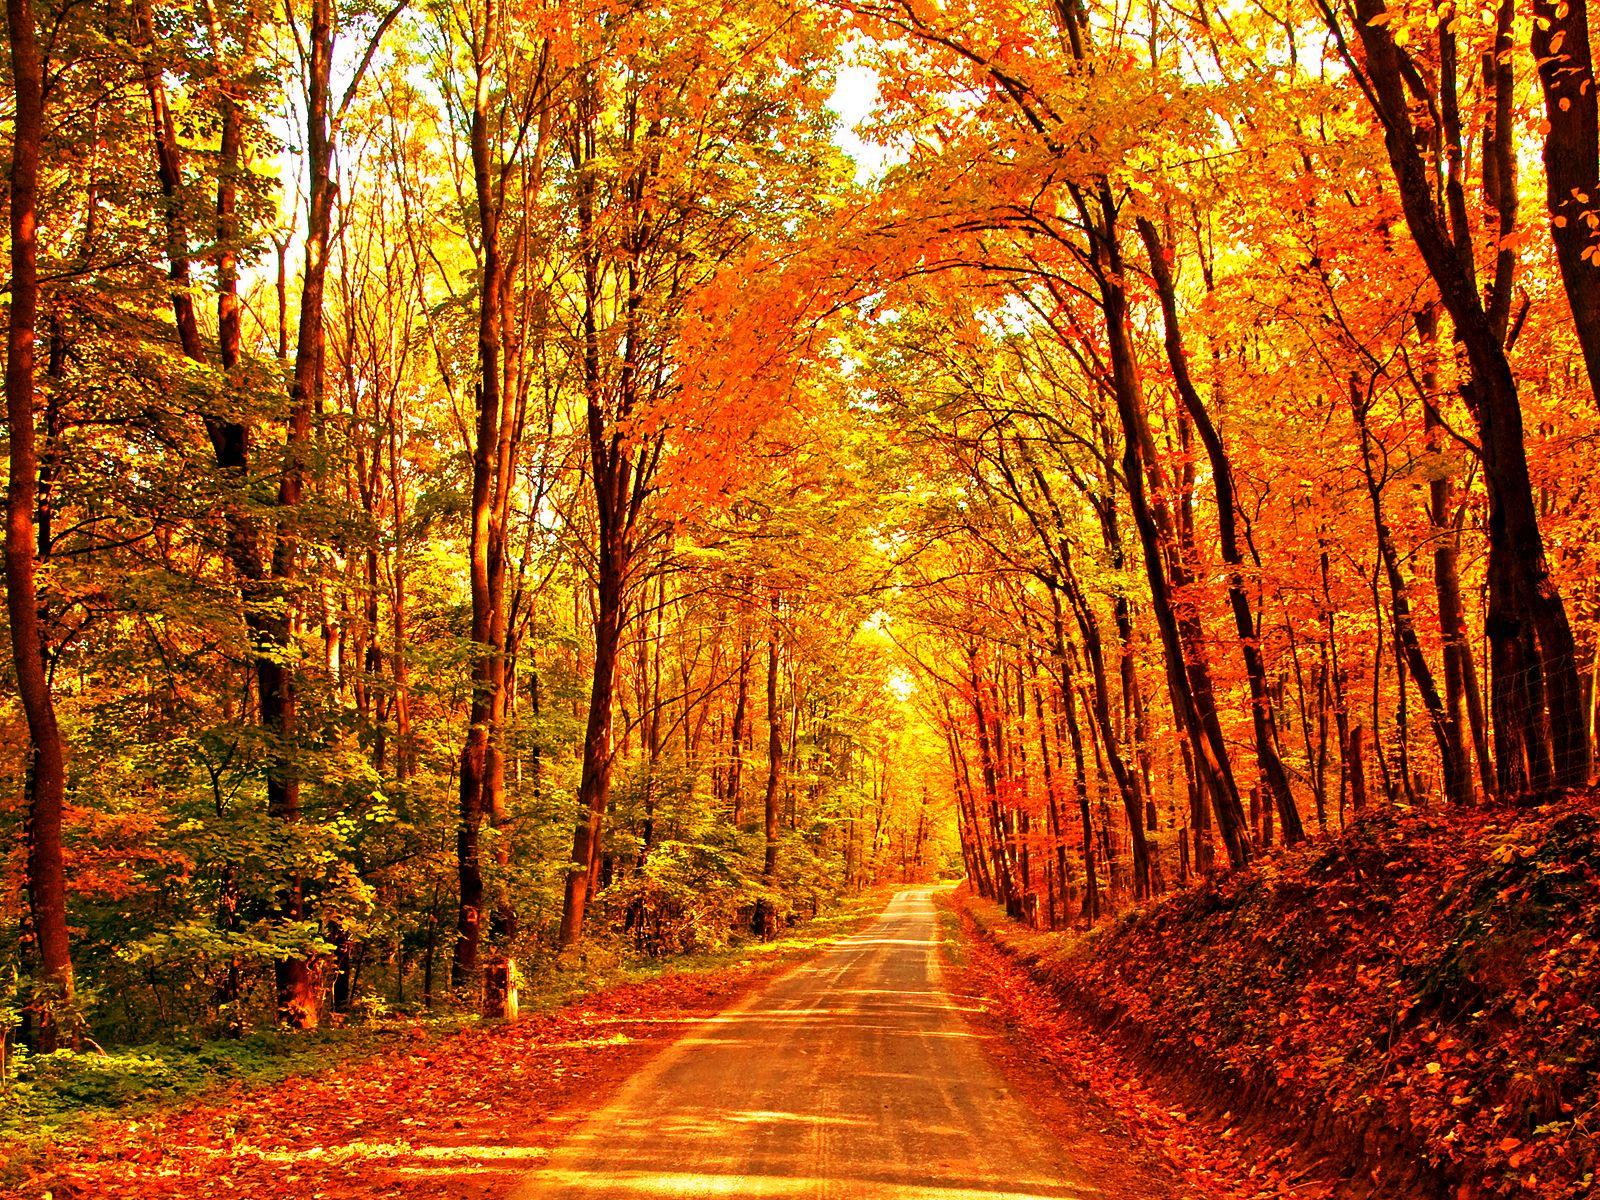 Charlie Brown Fall Wallpaper Fall Background Halloween Pinterest Fall Autumn